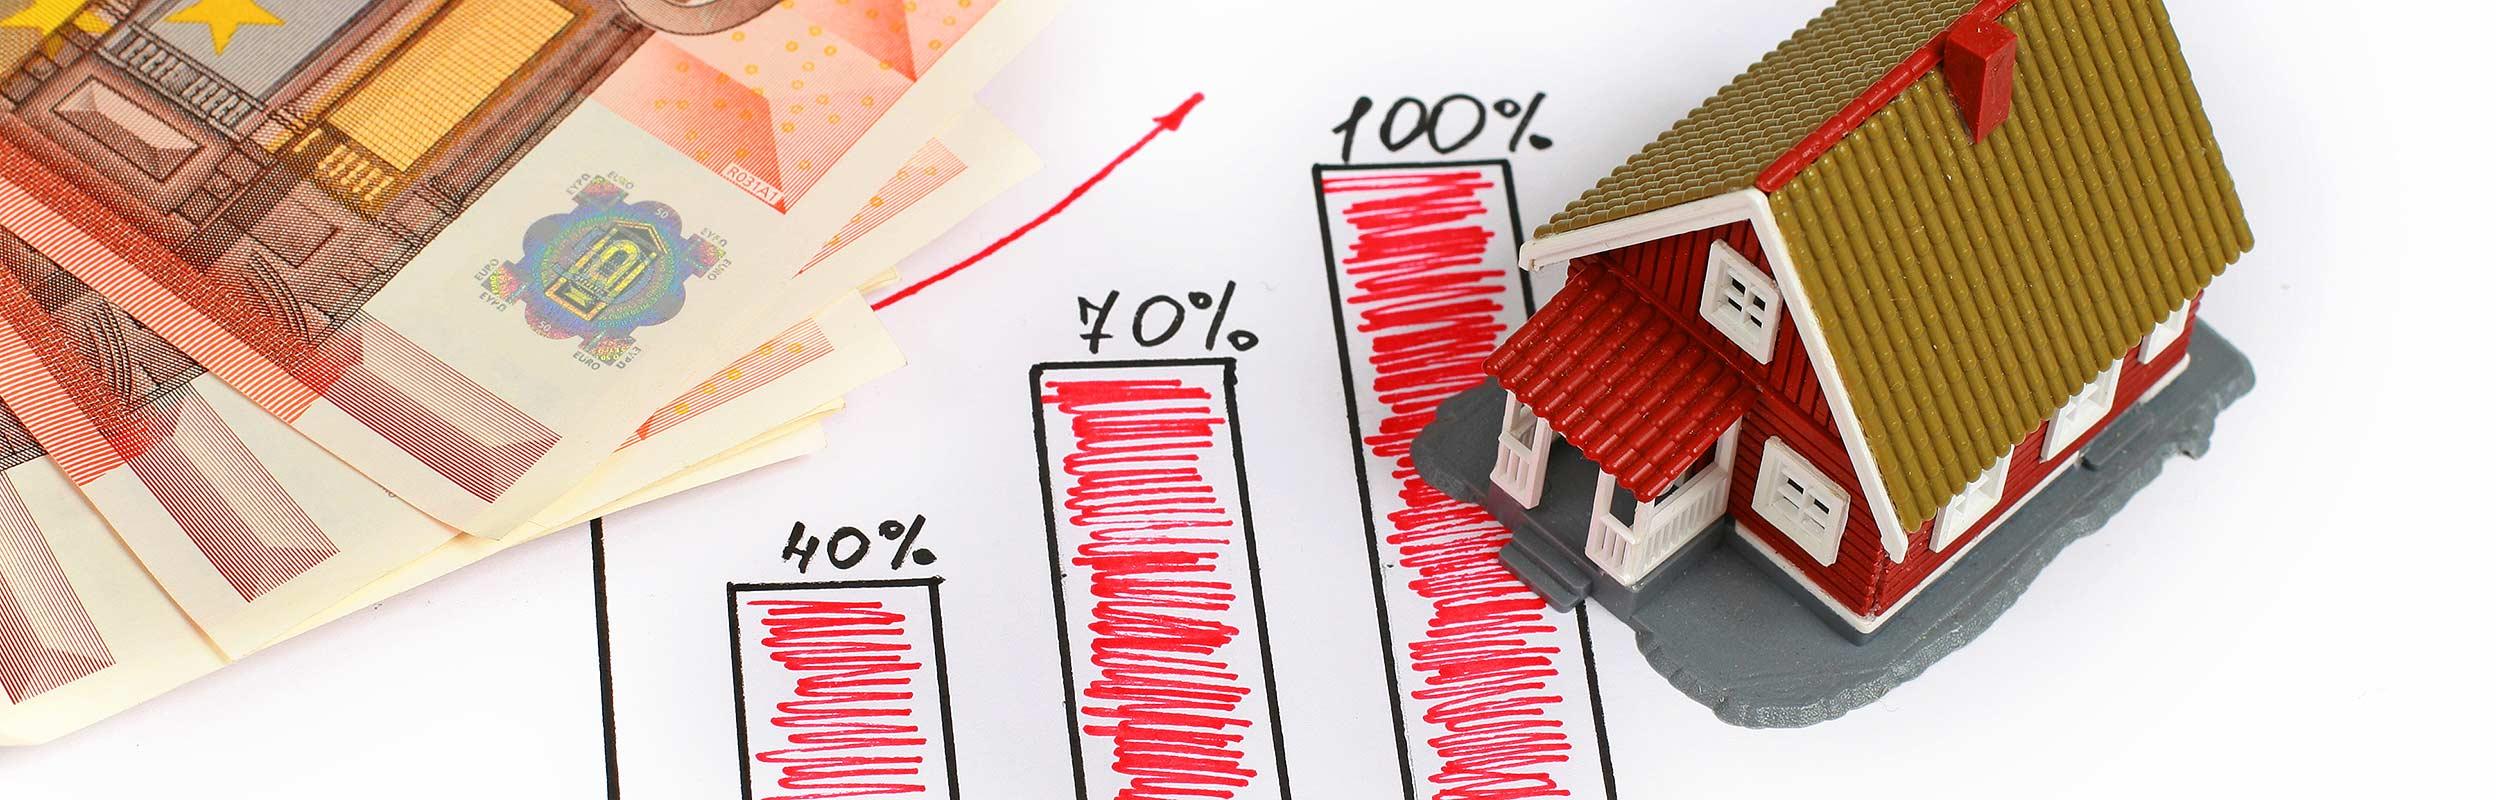 Achat Immobilier Construction L Echeancement Des Reglements